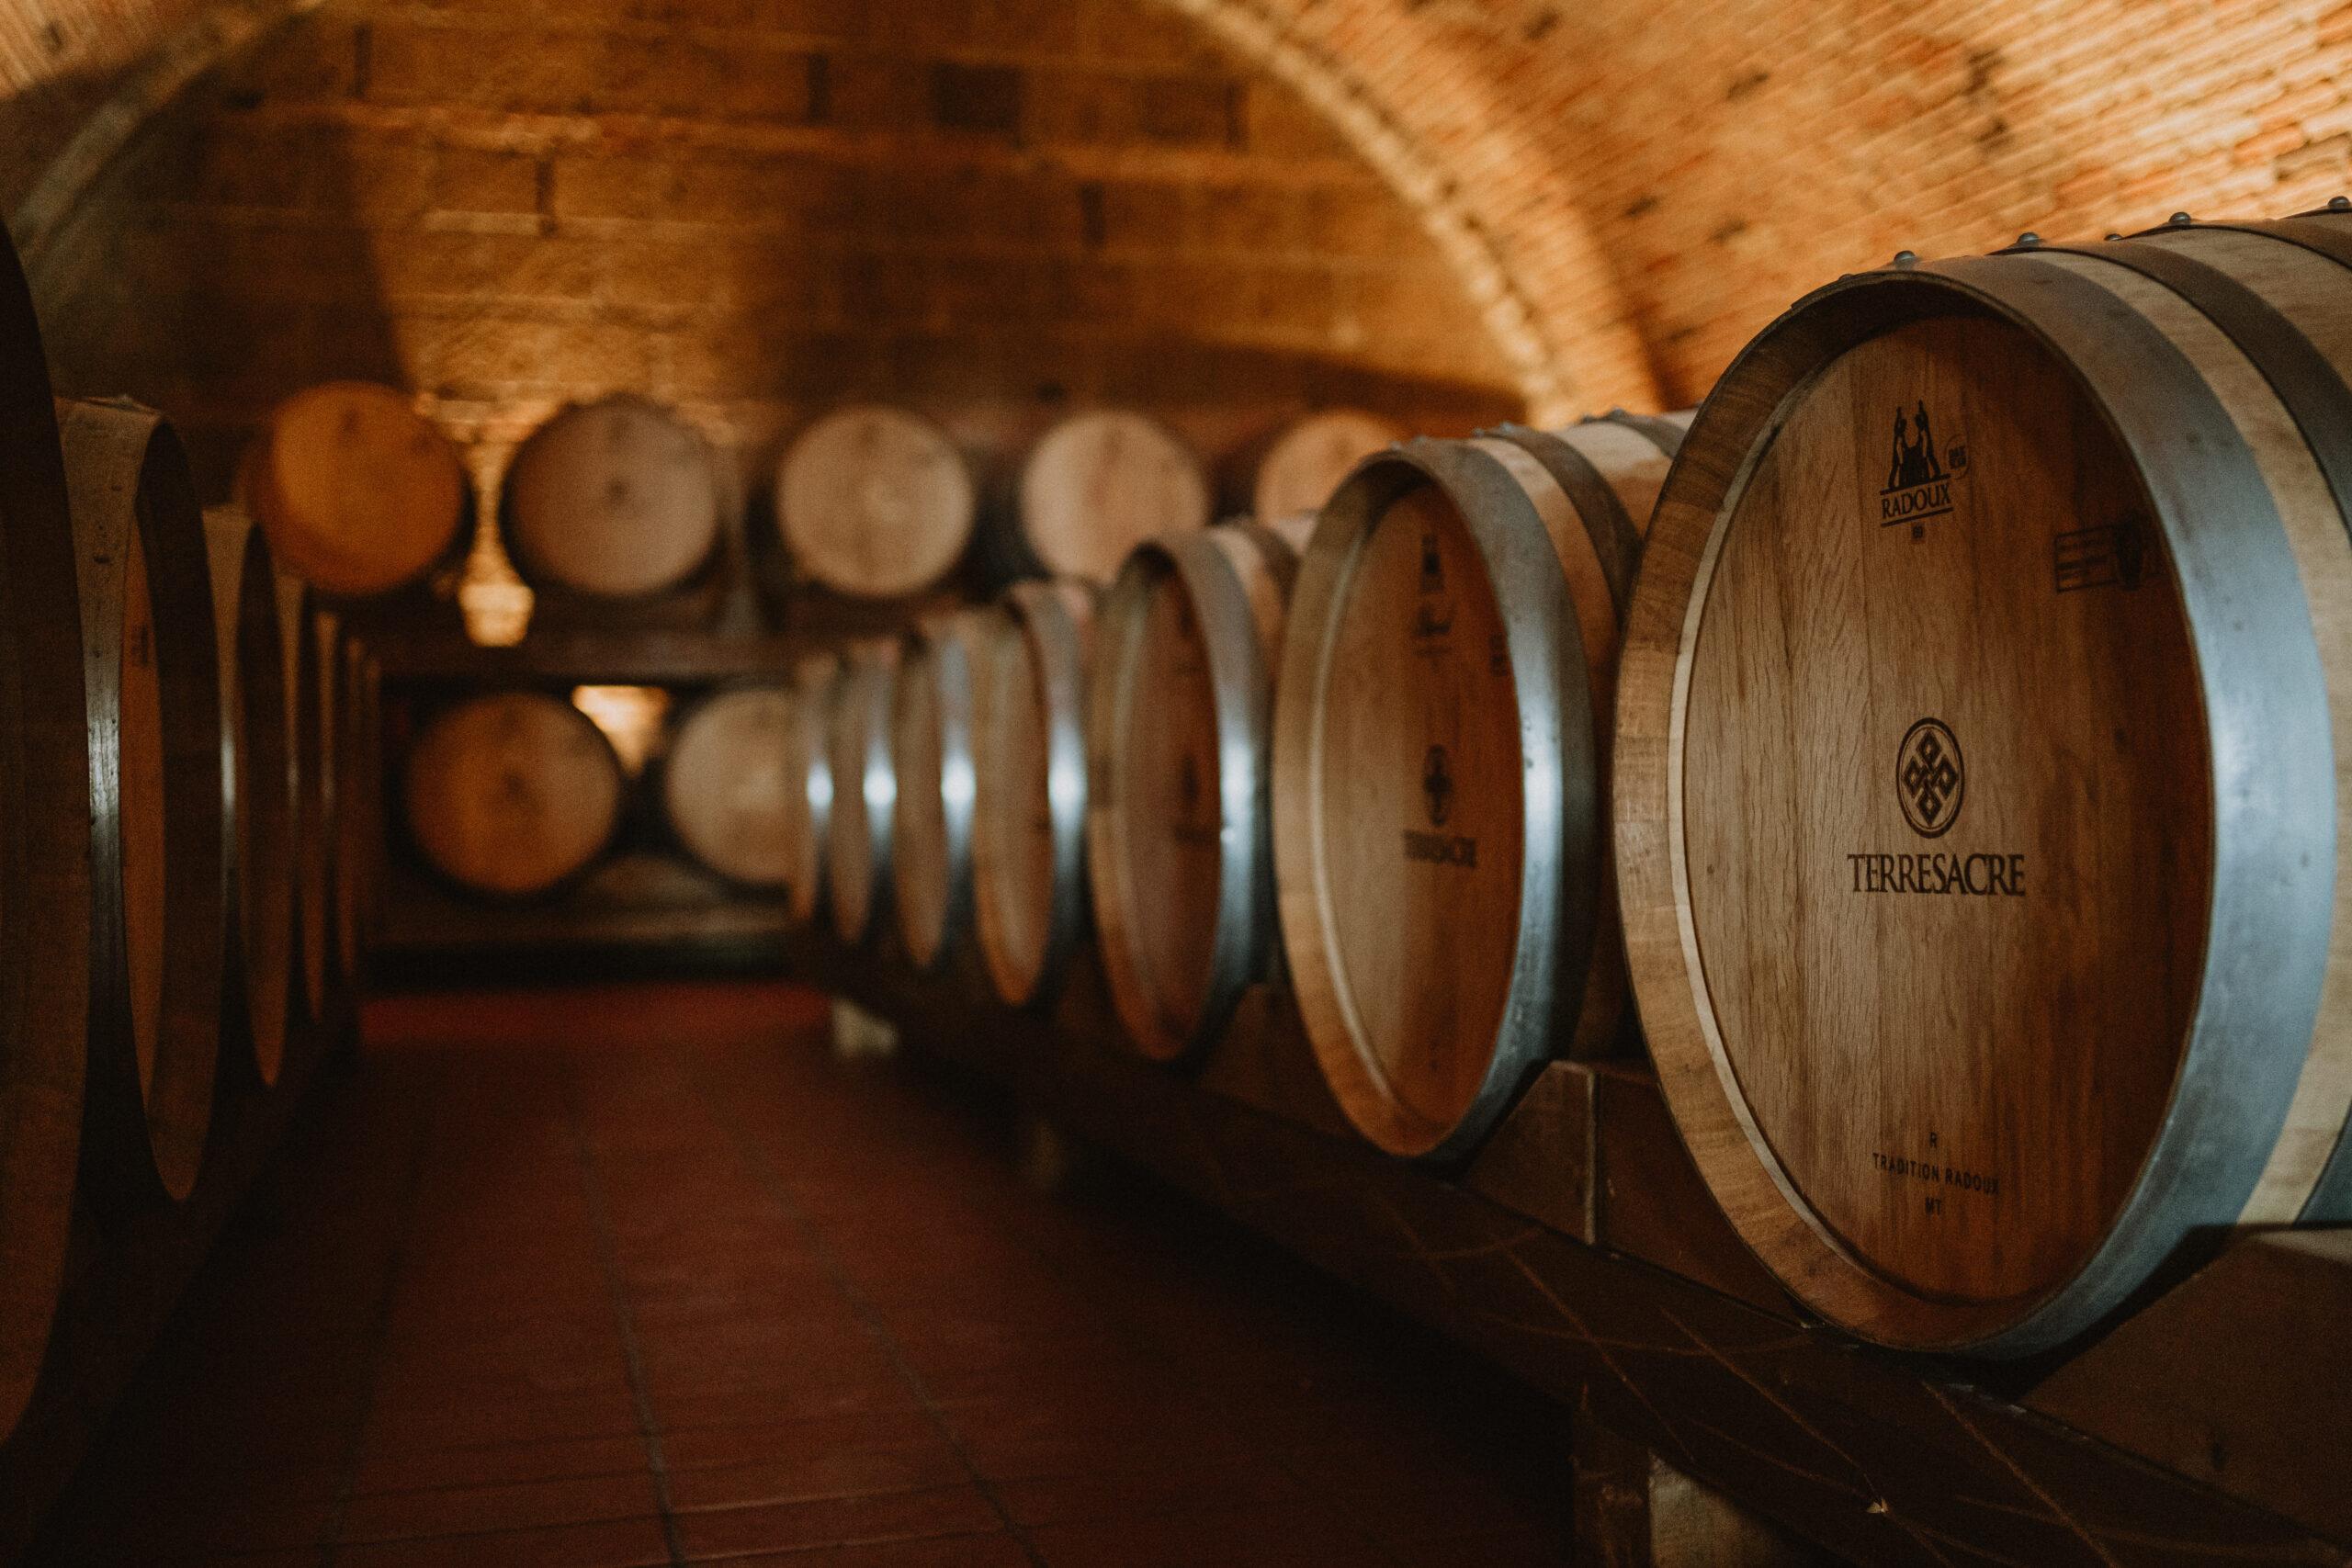 Il vino invecchiato tra miti e leggende. E' davvero più buono?